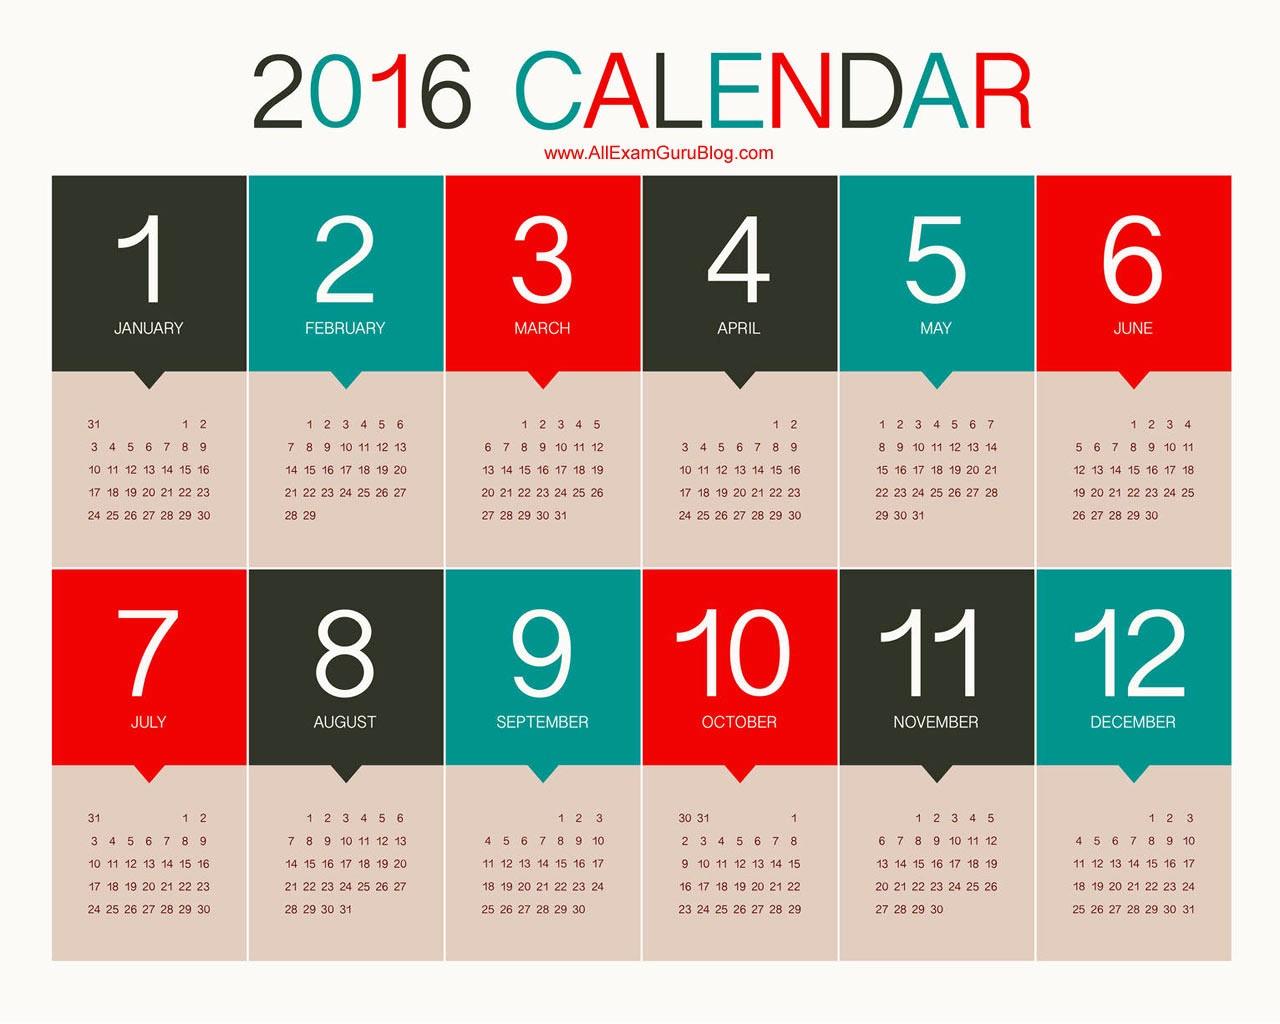 12 Month Calendar for 2016 Best Of 2016 Year Calendar Wallpaper Download Free 2016 Calendar